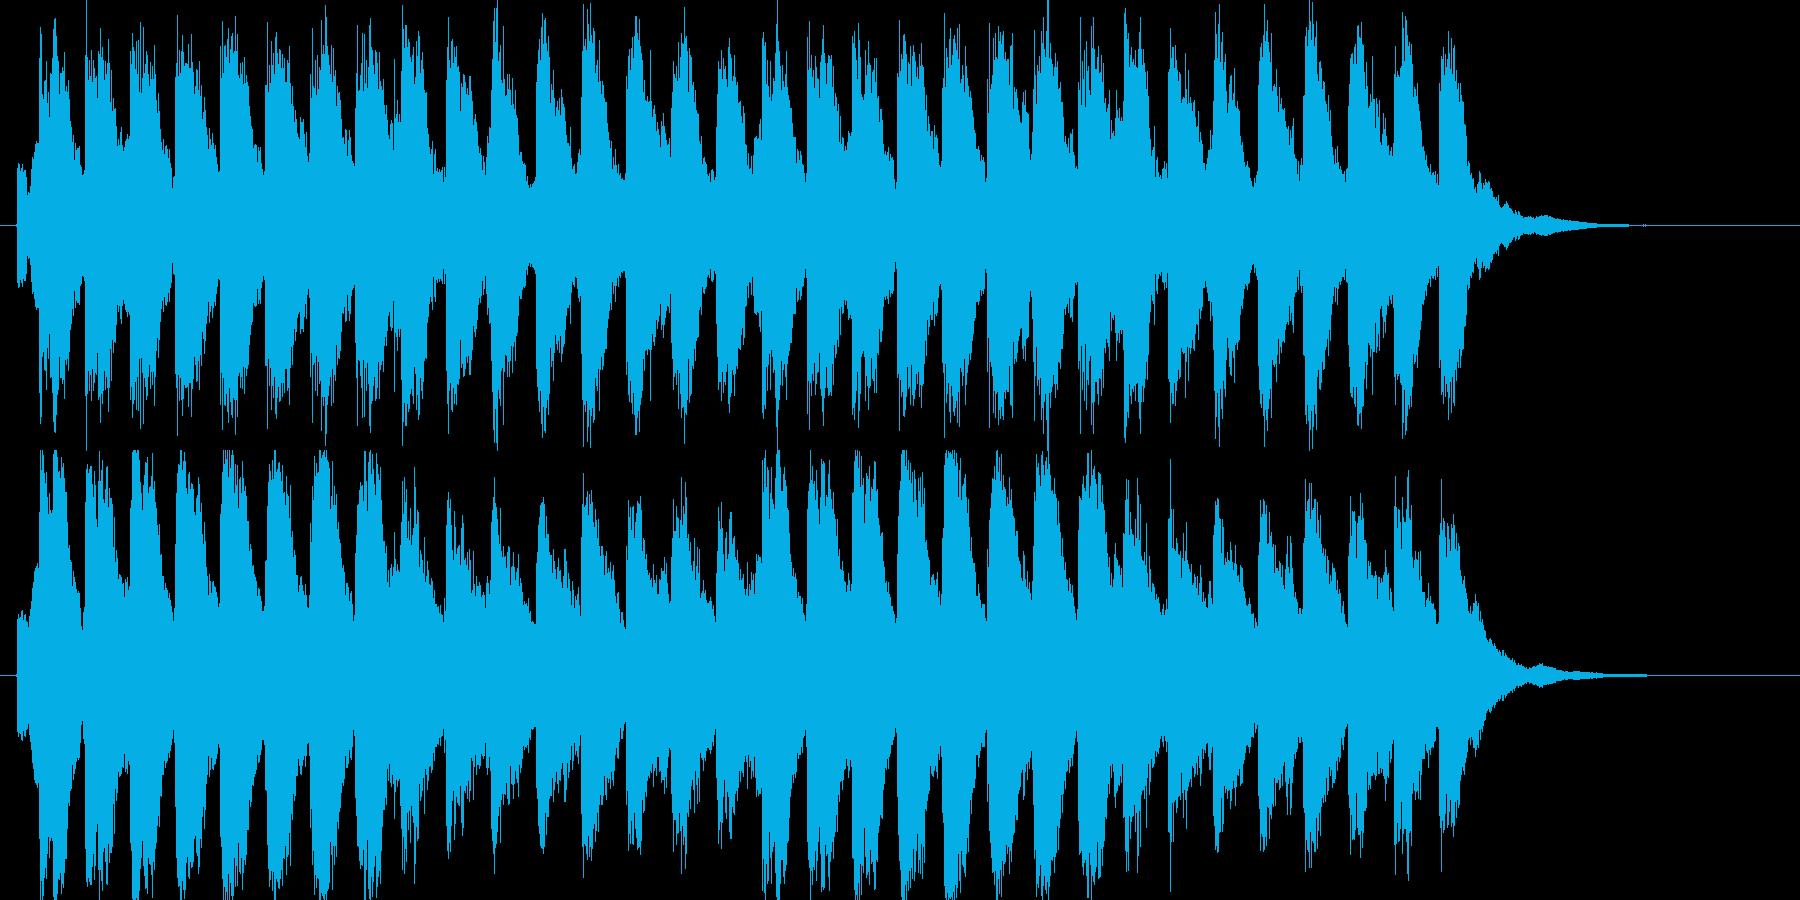 己と葛藤するイメージです。の再生済みの波形